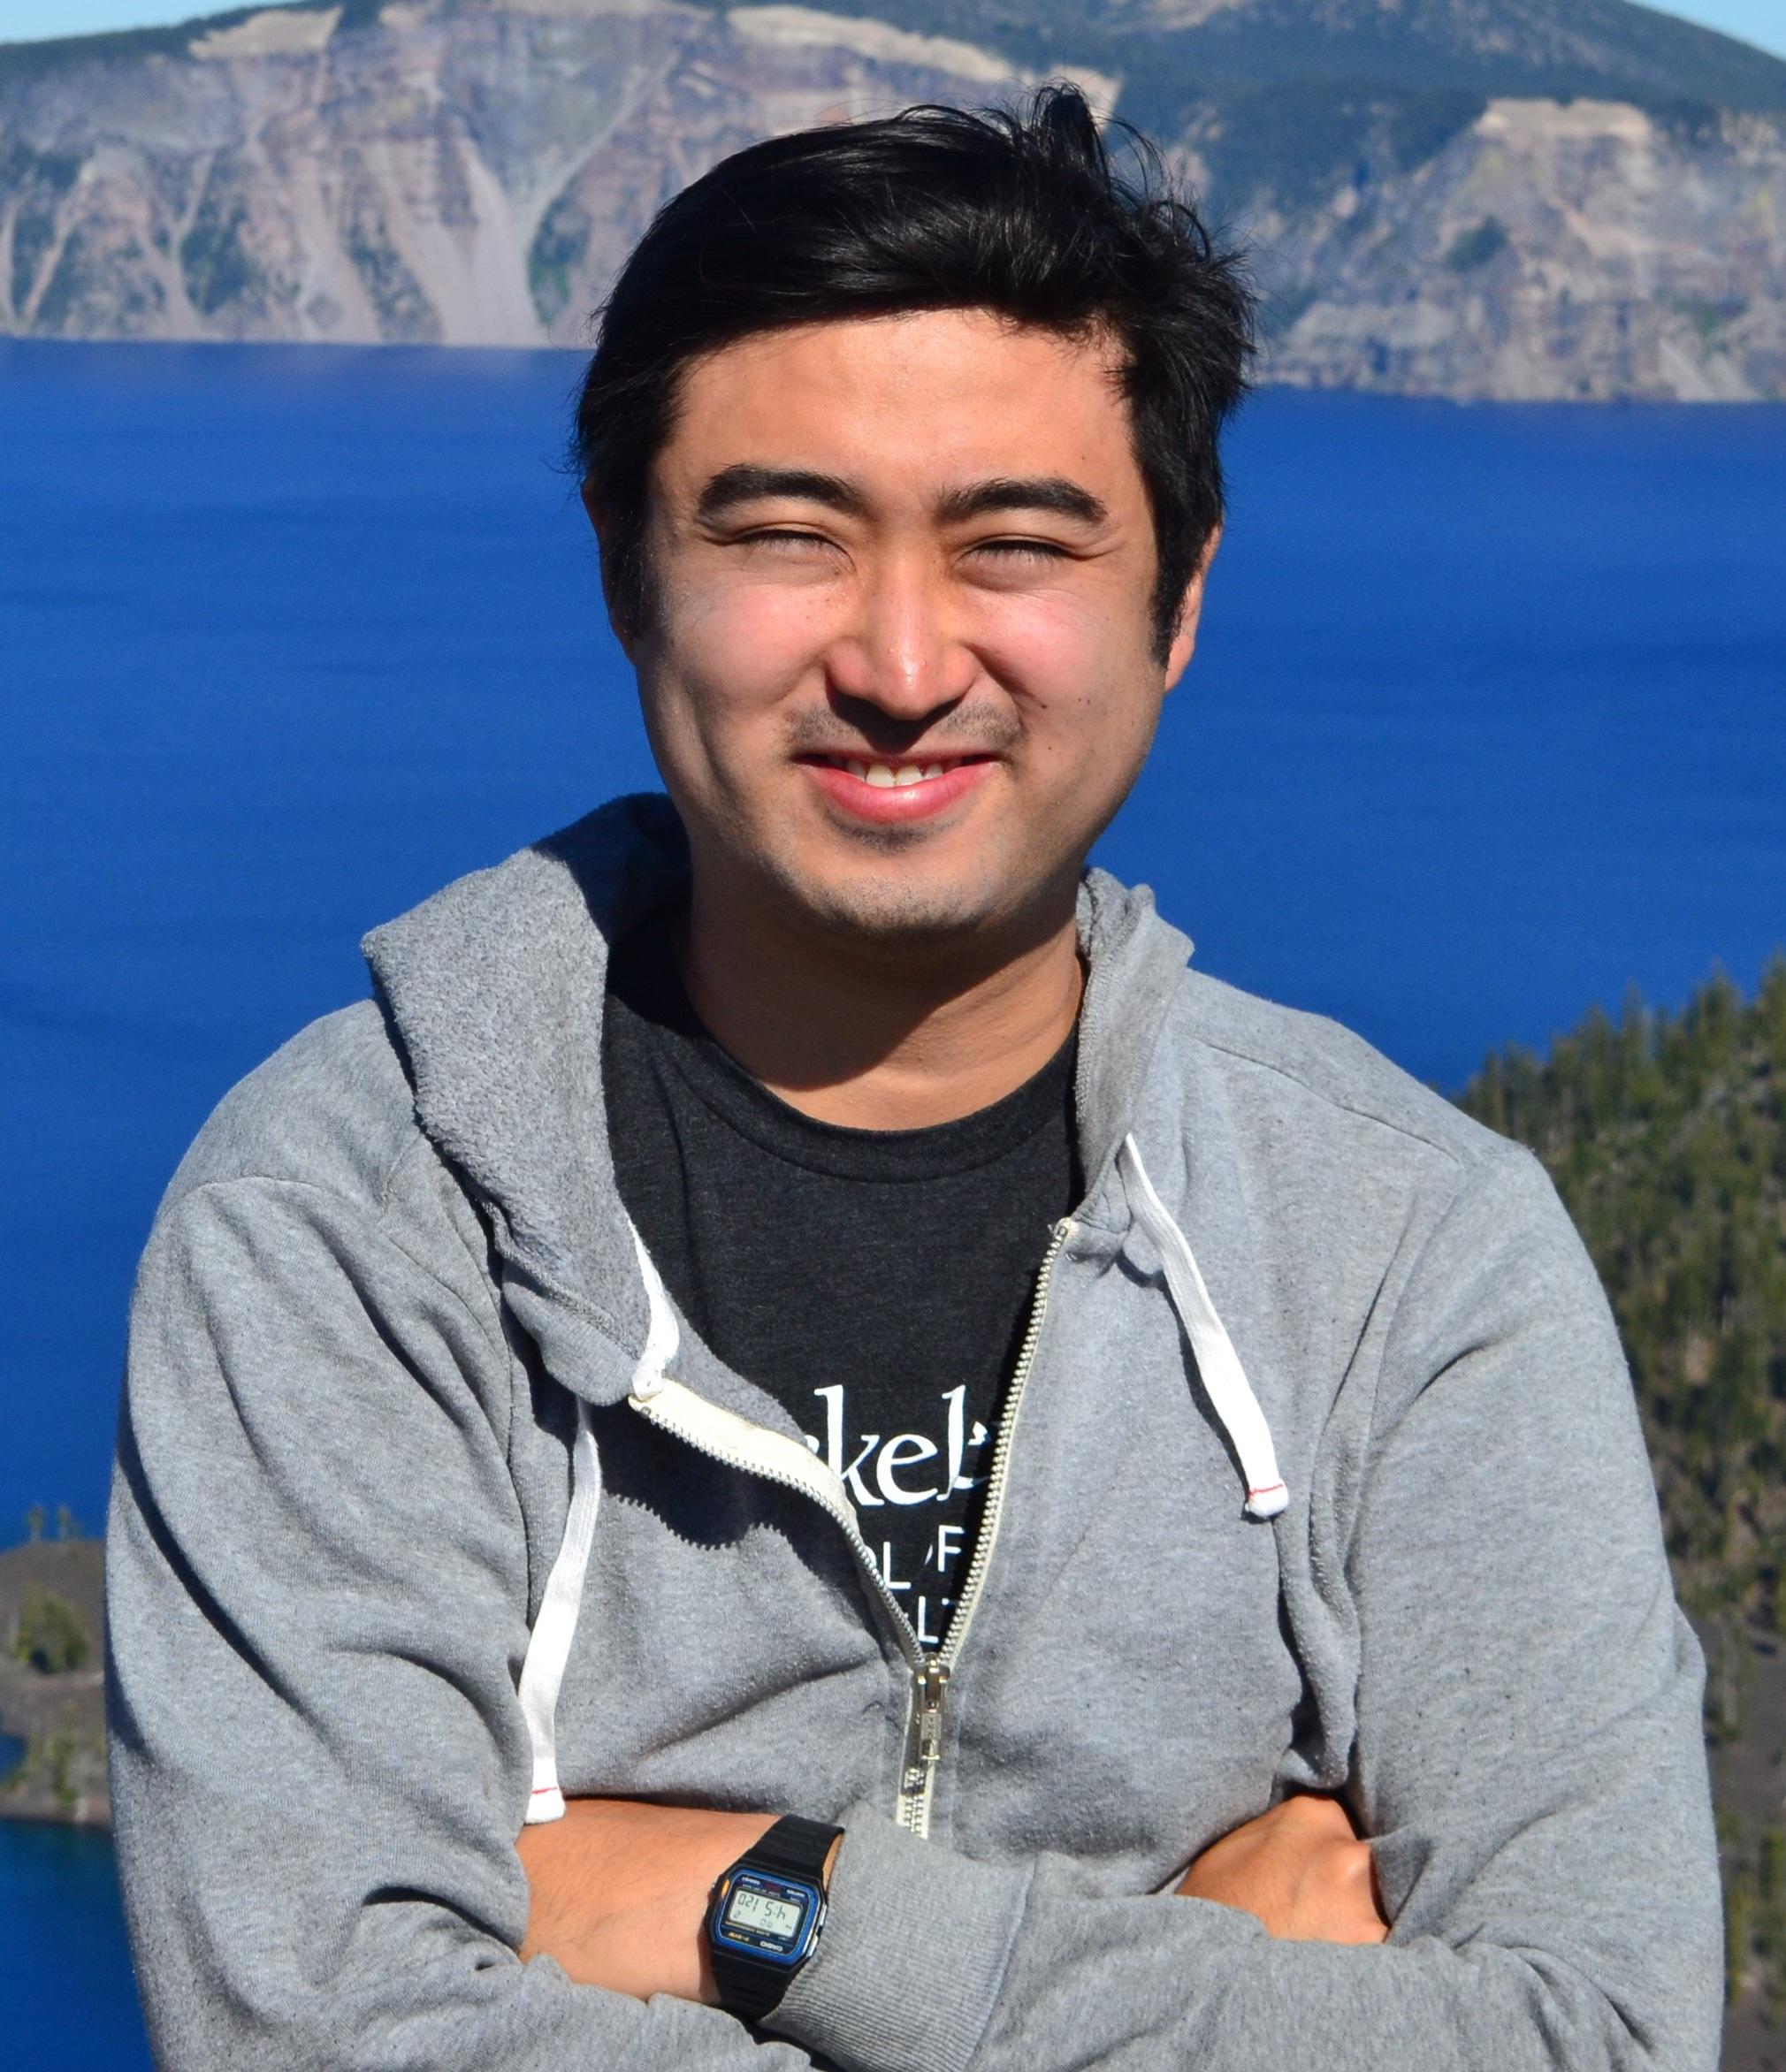 Michael Kado